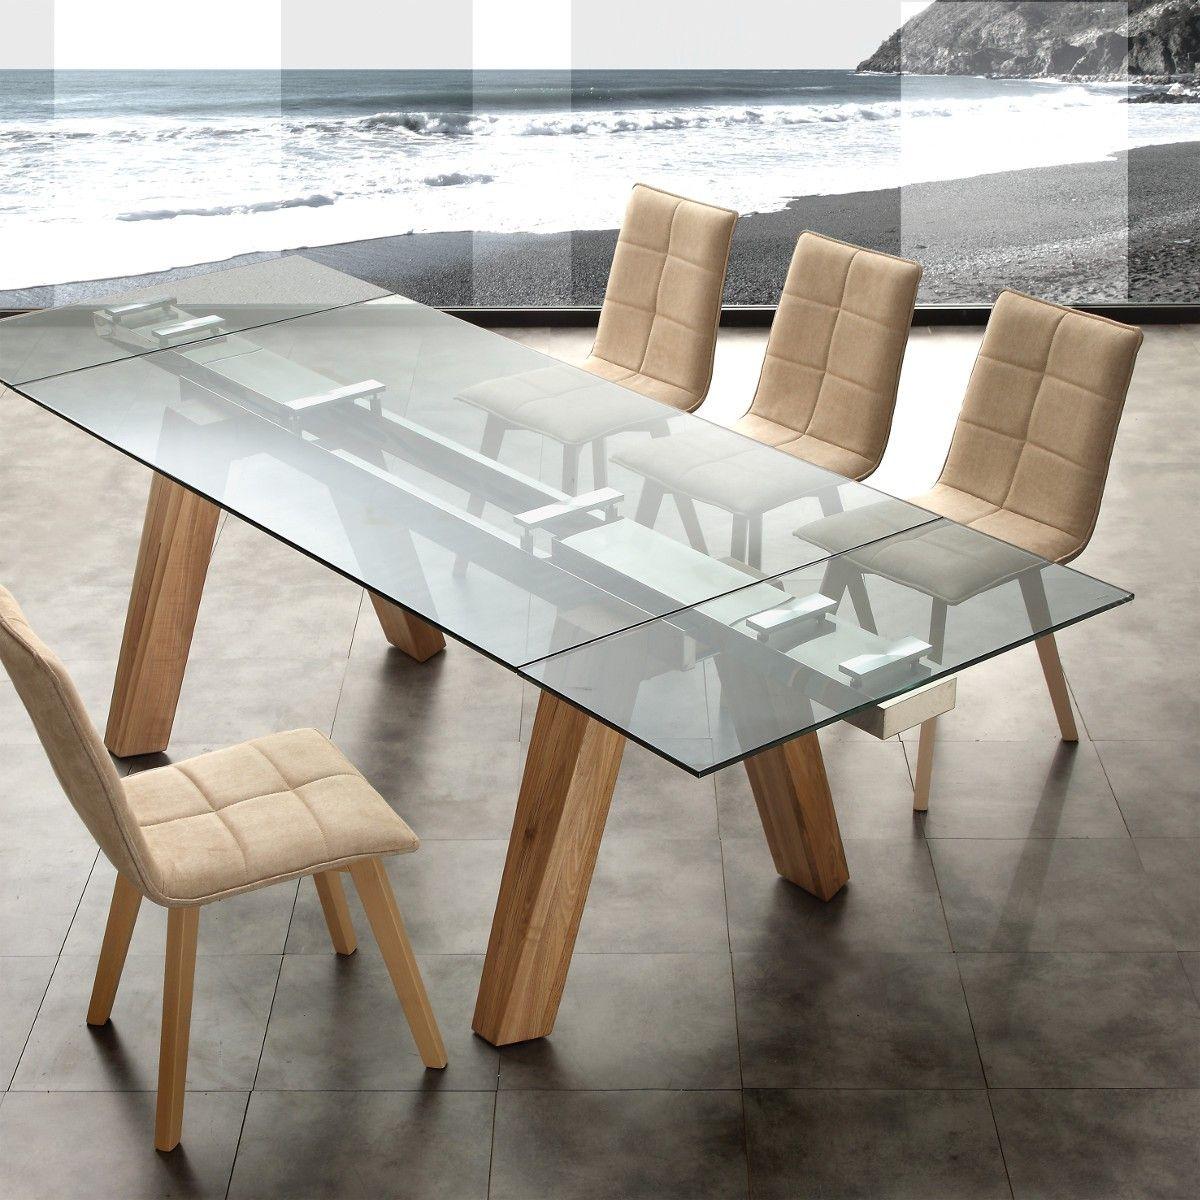 Albenga+tavolo+da+pranzo+allungabile+in+legno+massello+acciaio+e+ ...